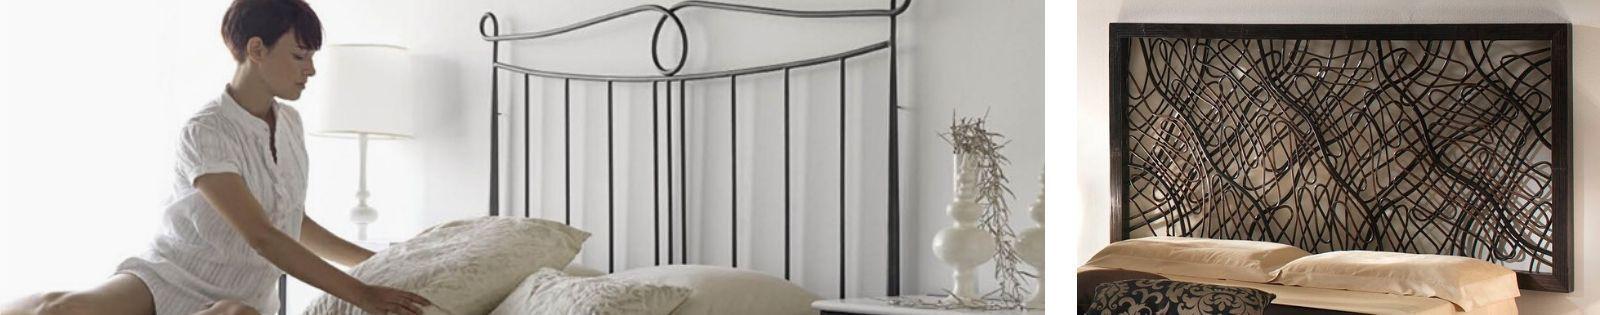 Tête de lit de qualité en bois massif, fer forgé, bambou et rotin...